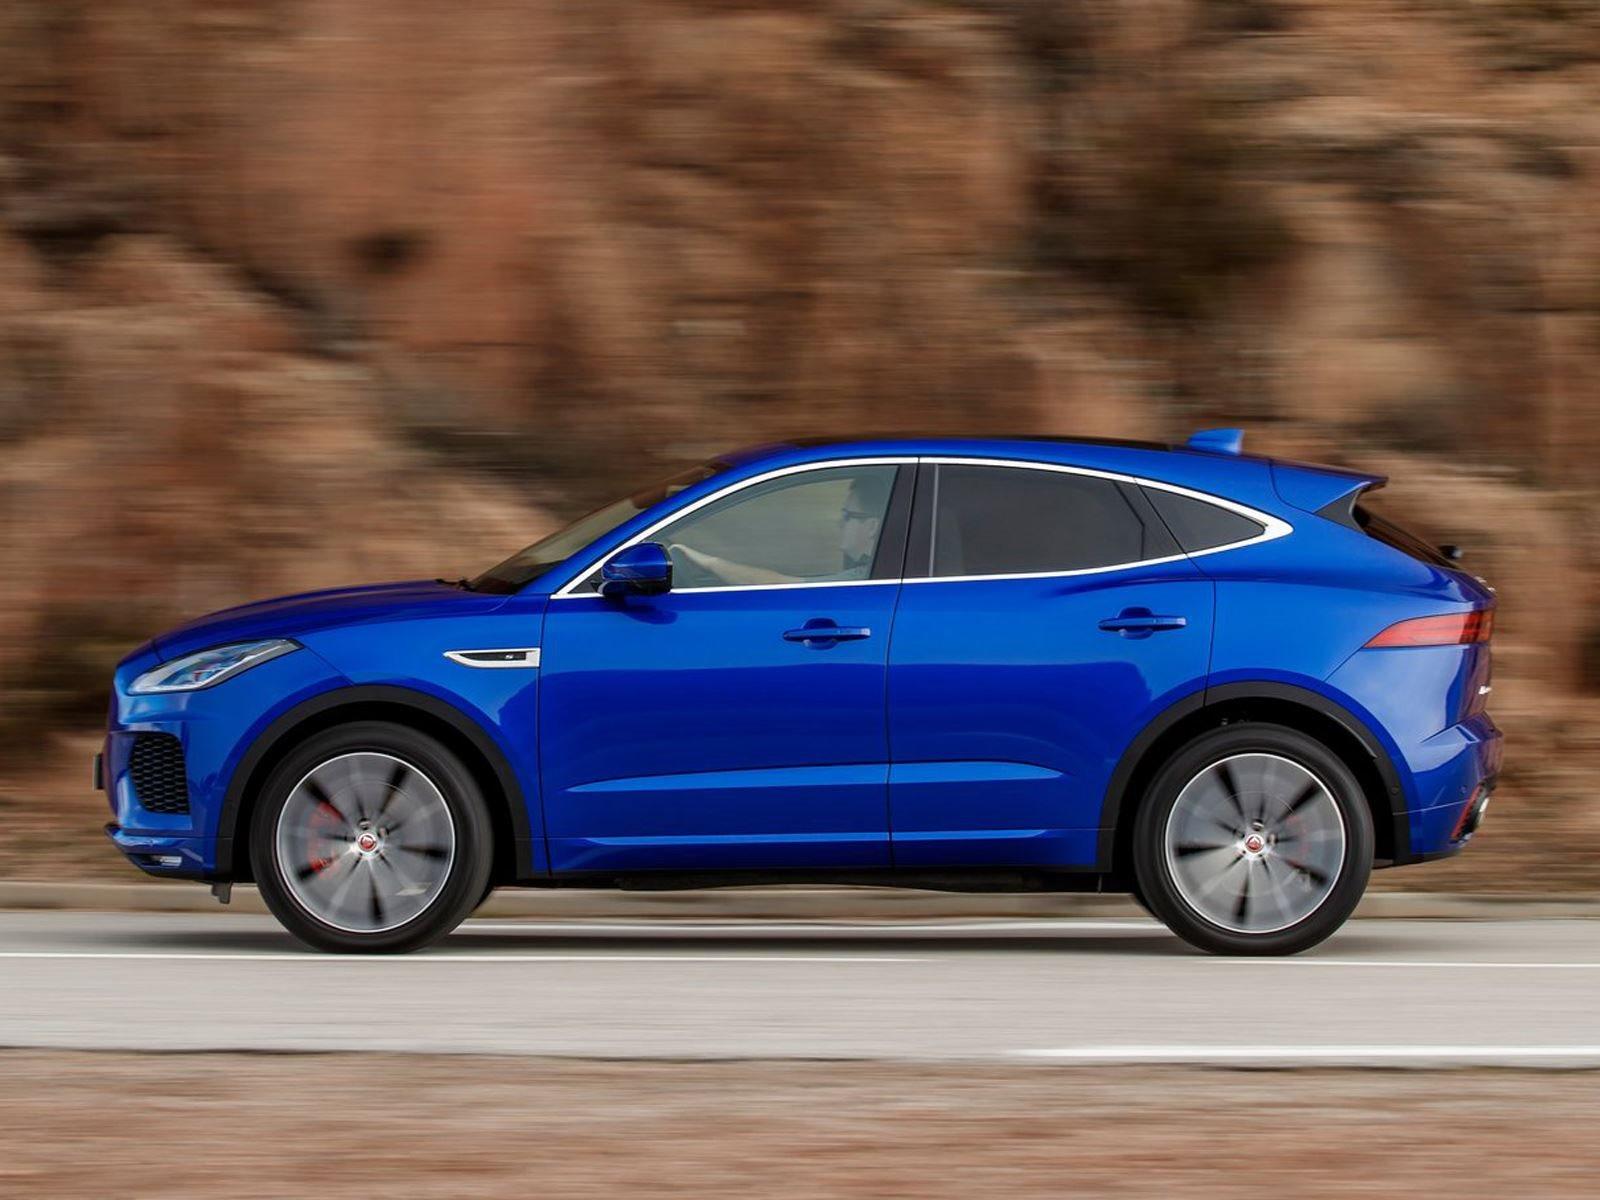 Существует определенная формула, которая отделяет Jaguar от Land Rover. «Обязательно ли Jaguar воспроизводить Range Rover или Land Rover? Нет. Это не его работа», - сказал Визнер. «Вам не нужен ни другой Range Rover, ни другой Land Rover - у них свои